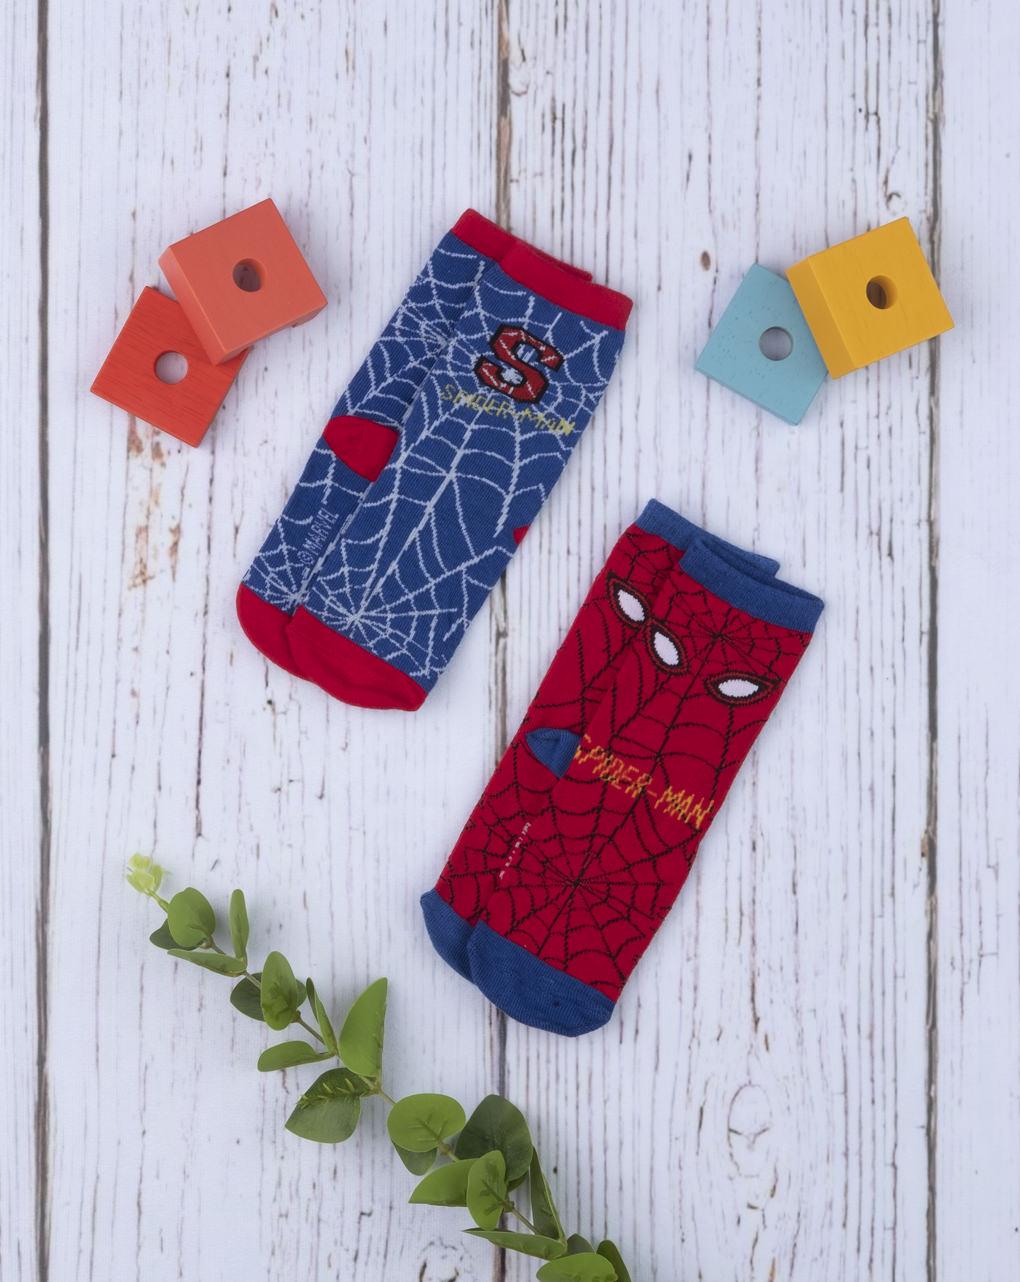 Κάλτσες Πακέτο Χ2 Spider-Man για Αγόρι